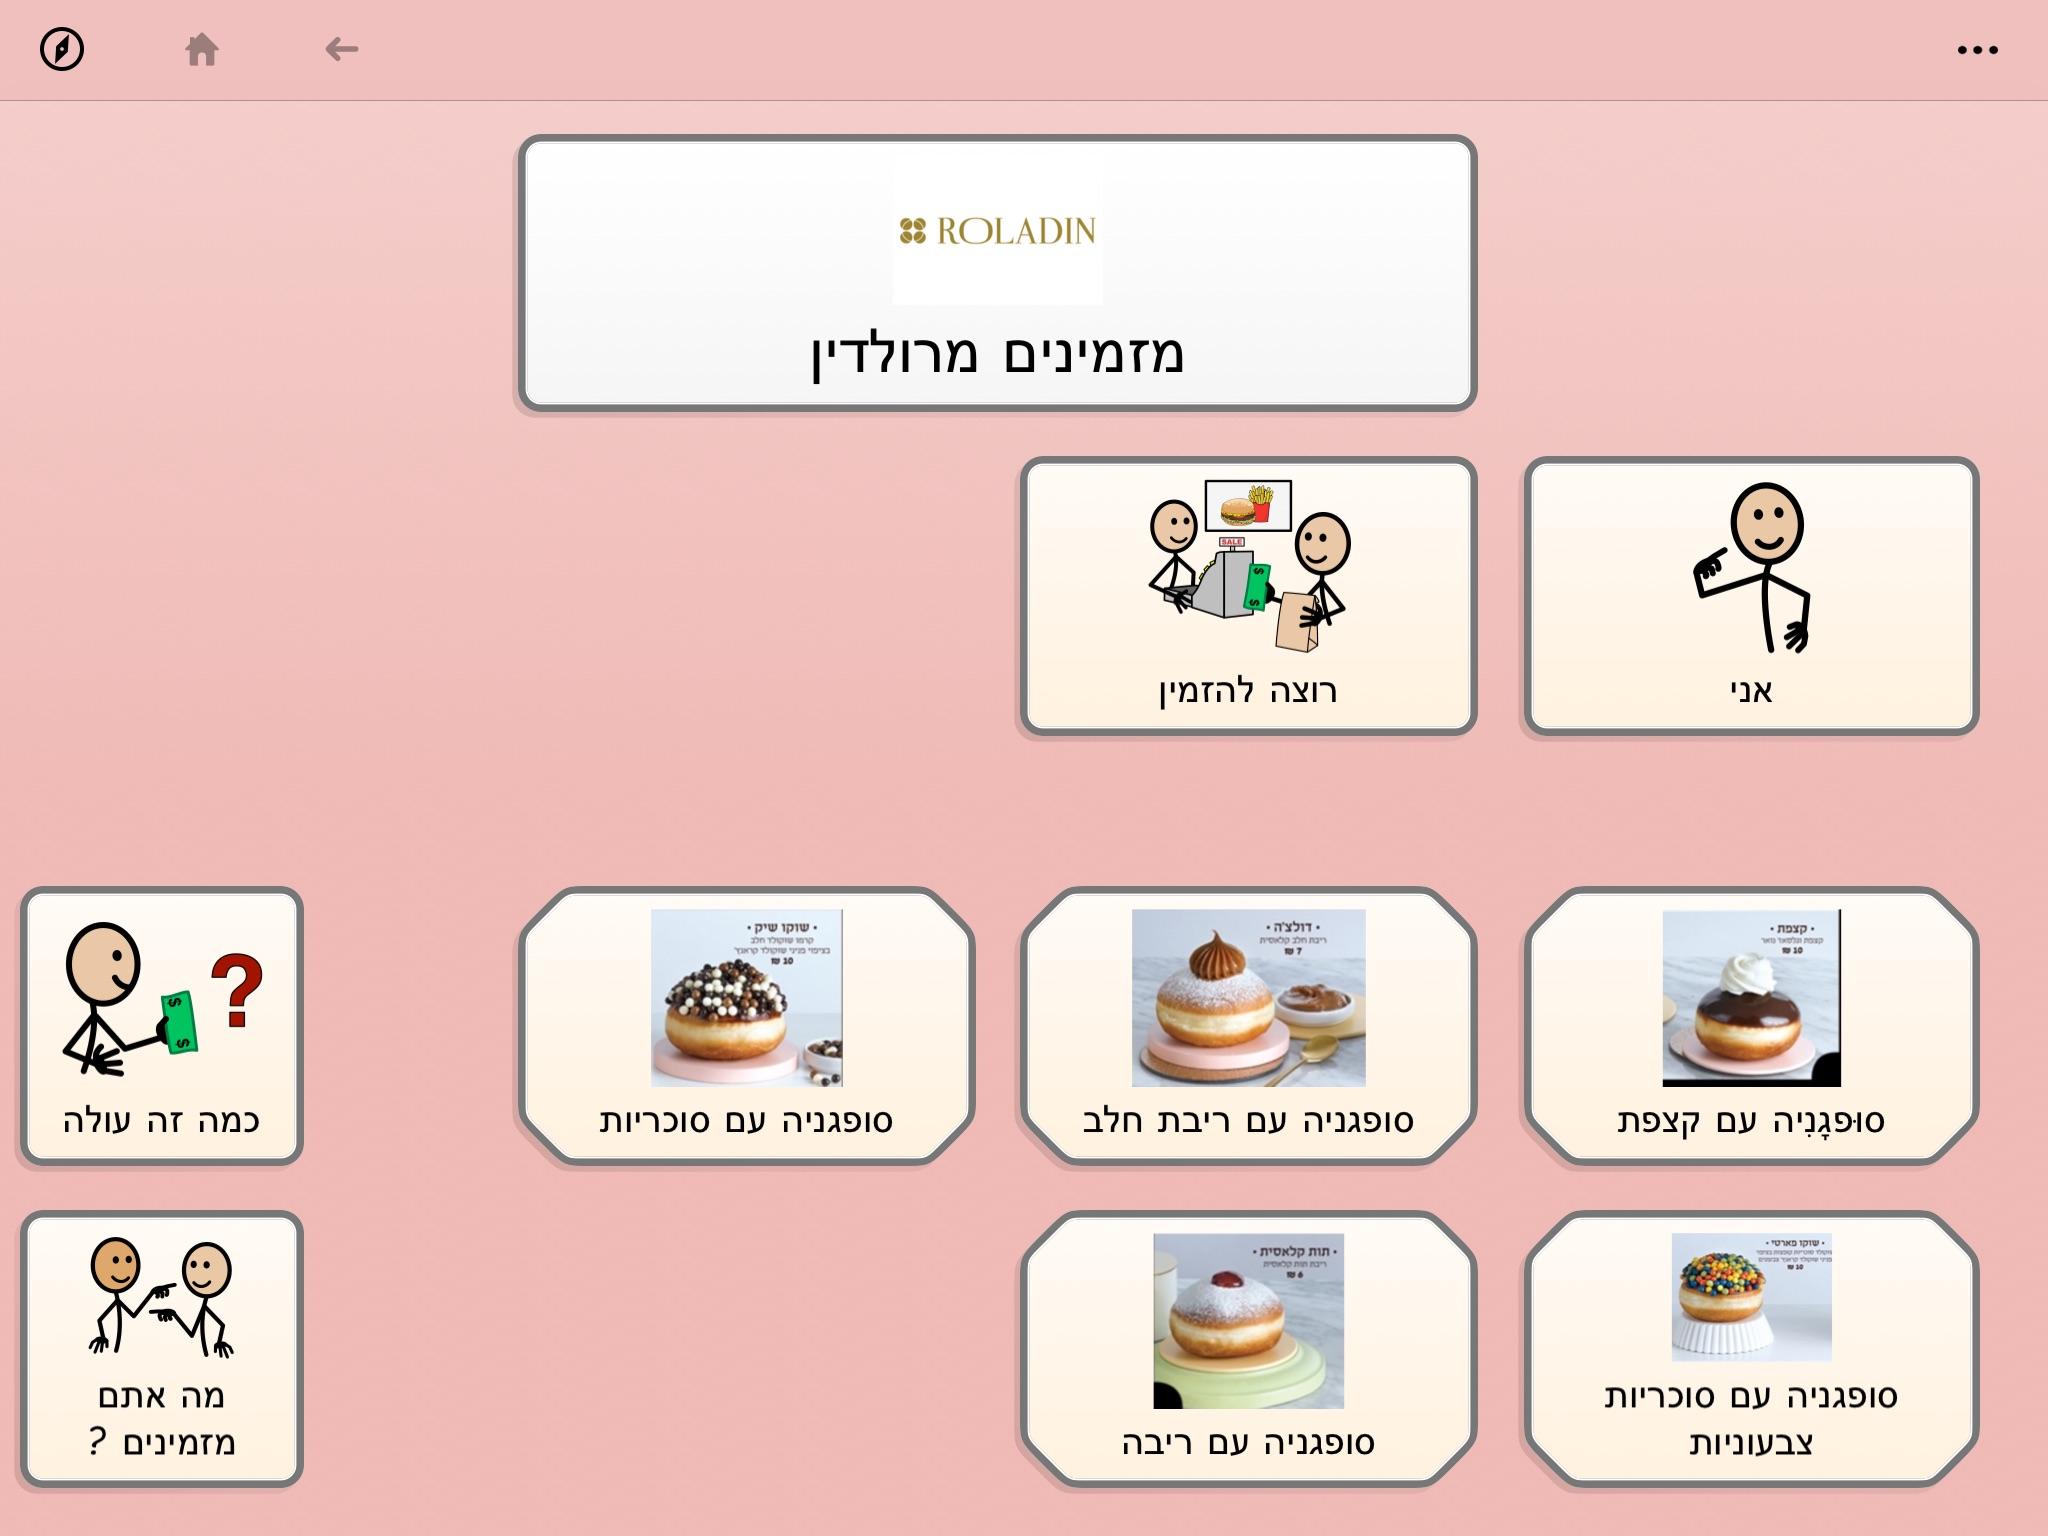 screenshot of menu in GRID3